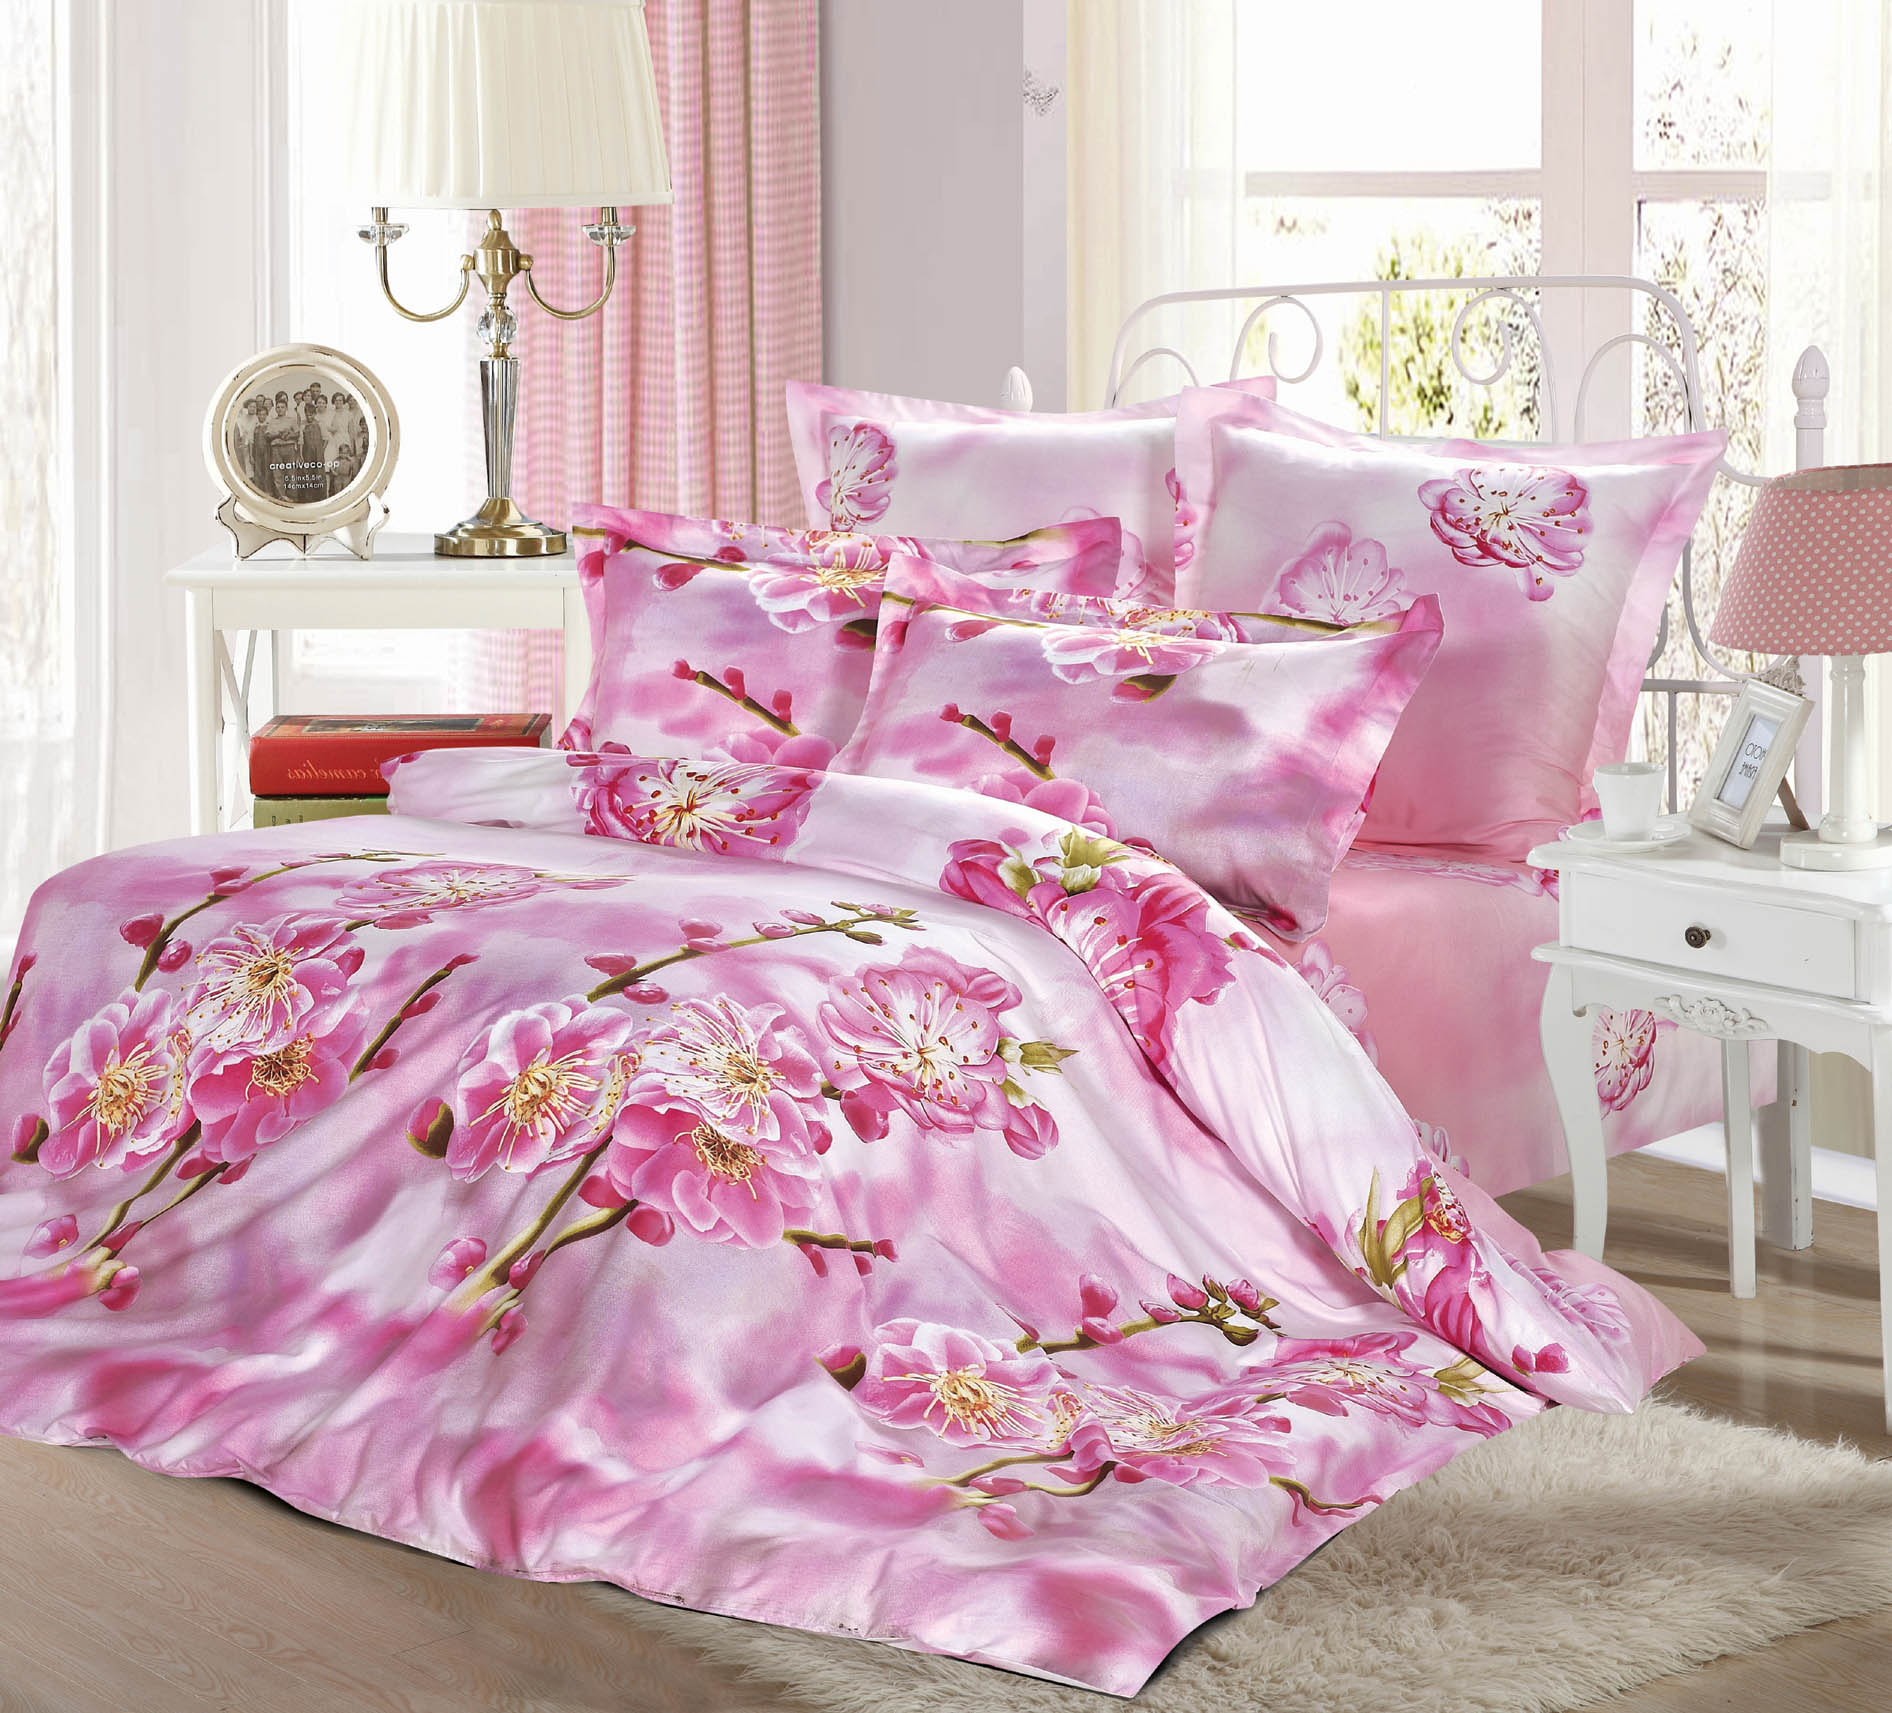 Купить Комплекты постельного белья СайлиД, Постельное белье Tilly B-149 (2 сп. евро), Китай, Розовый, Хлопковый сатин